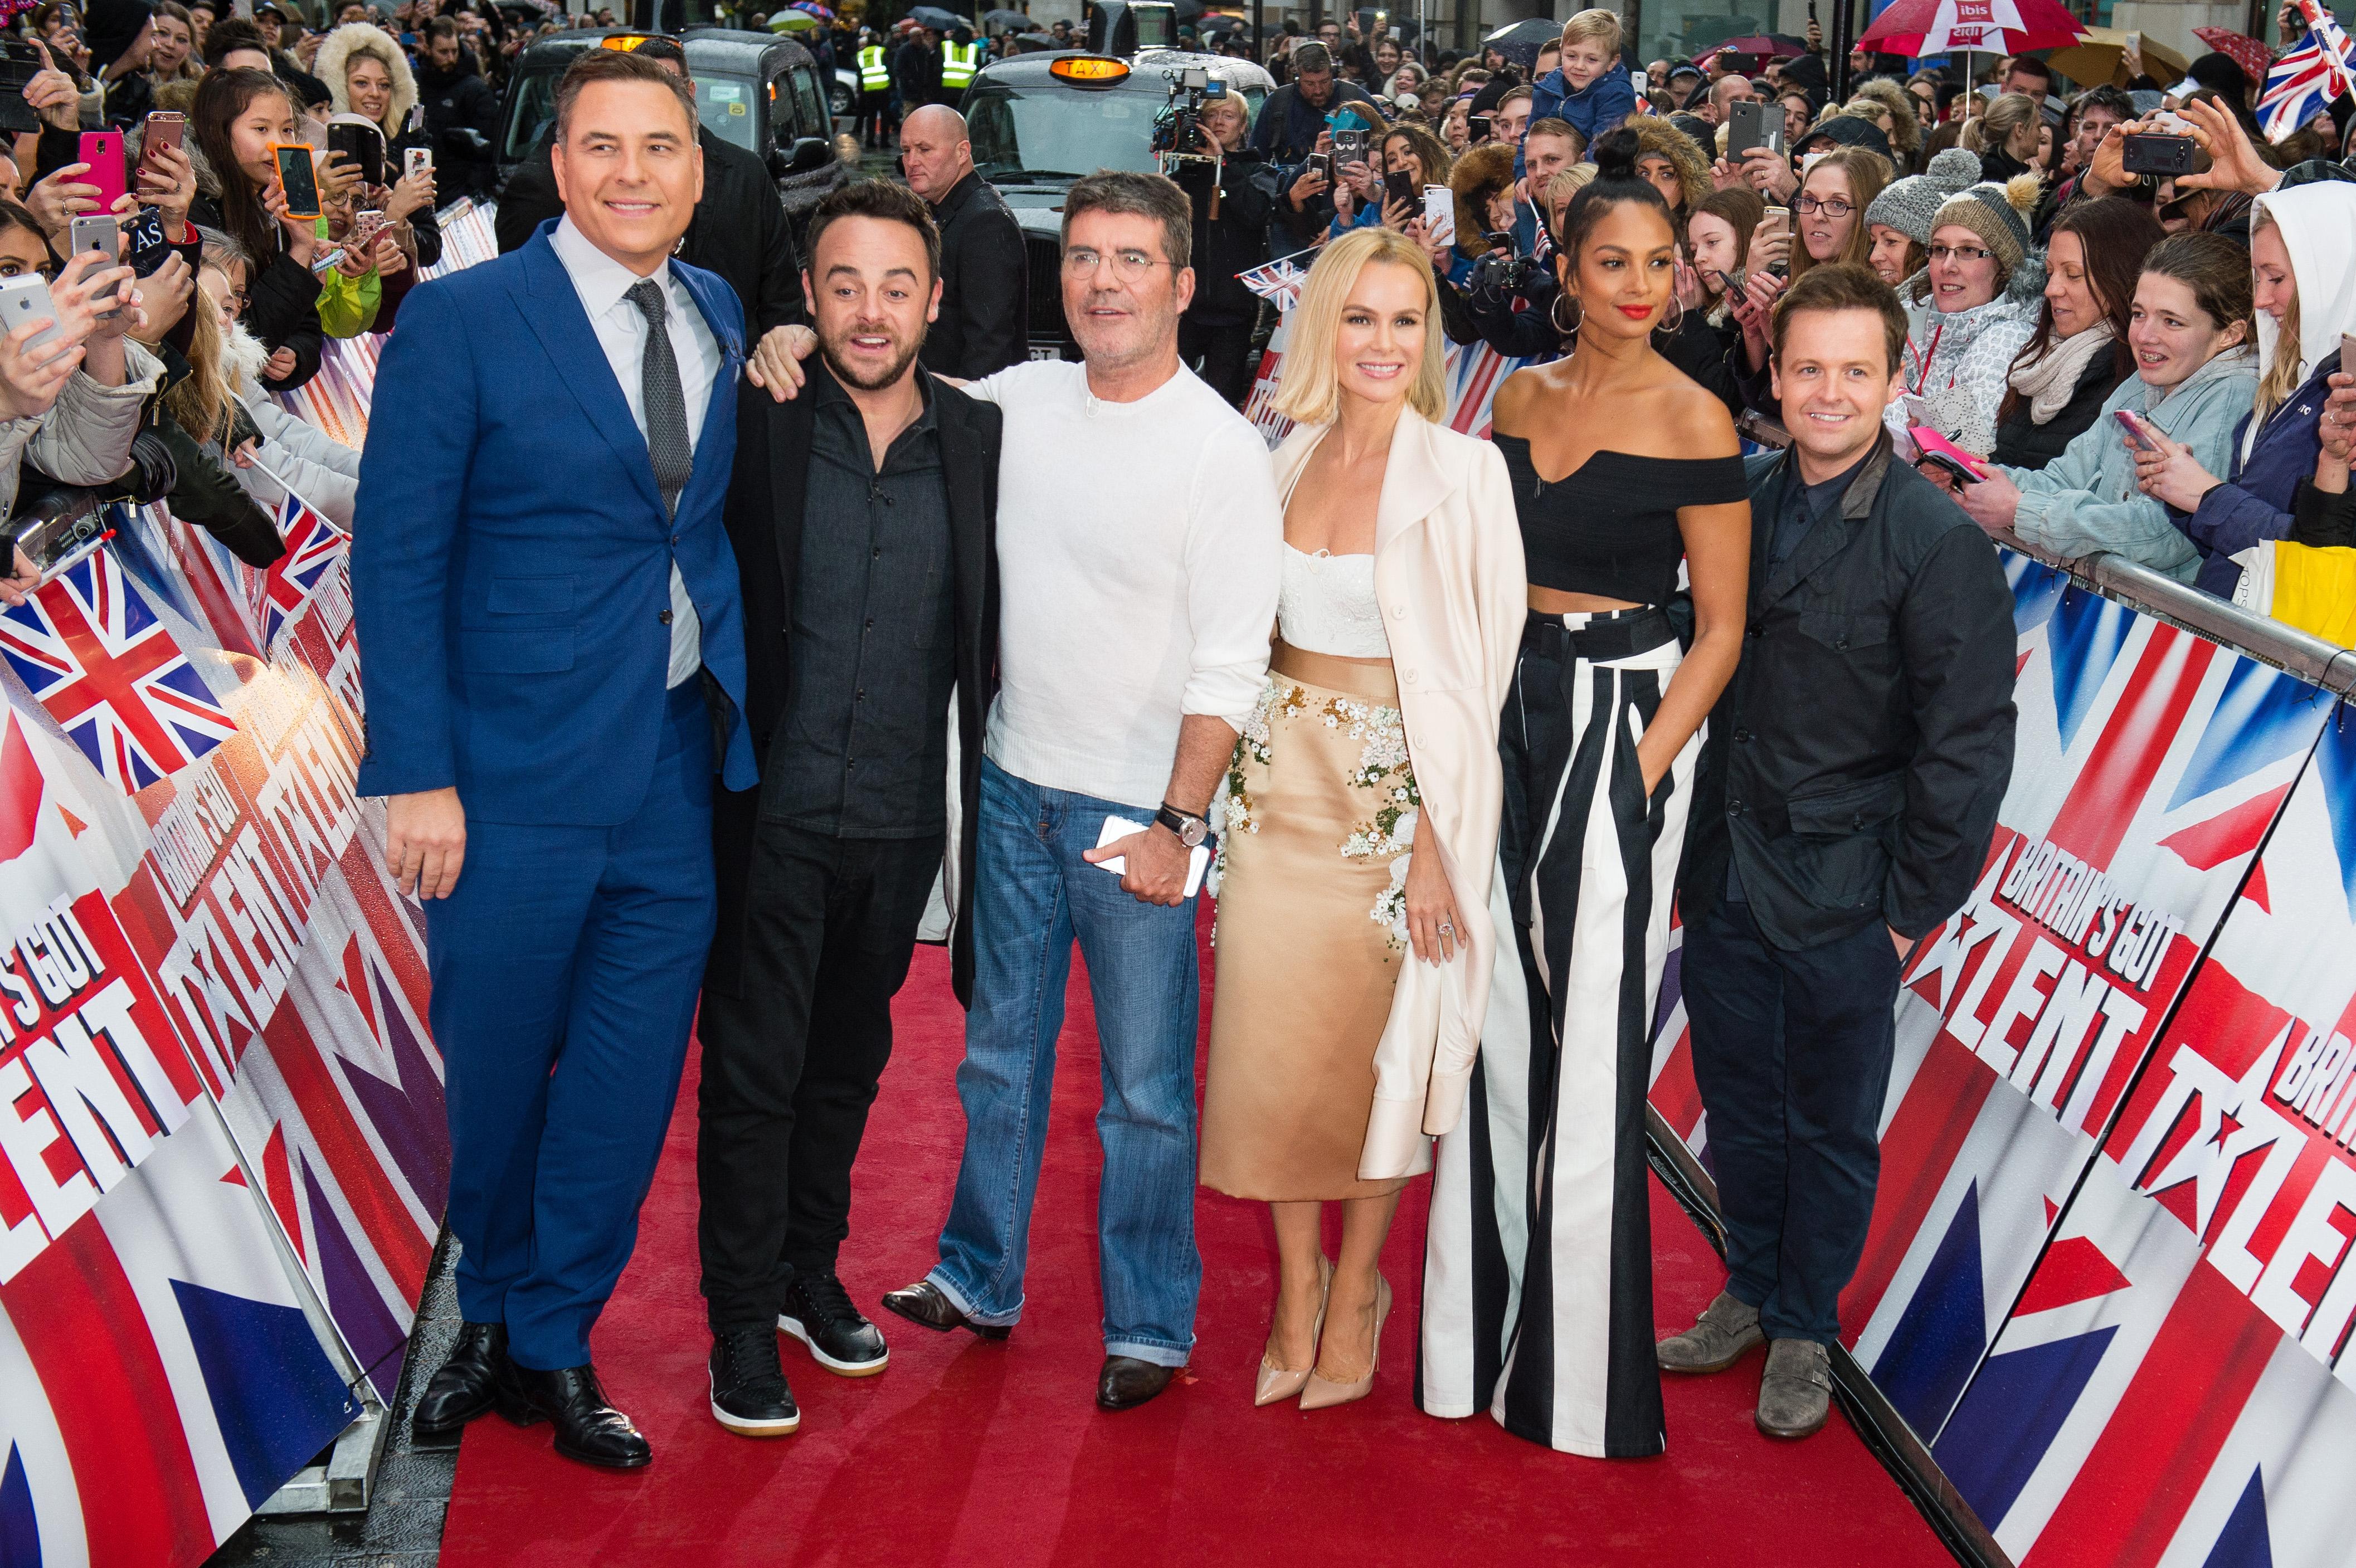 When does Britain's Got Talent start?